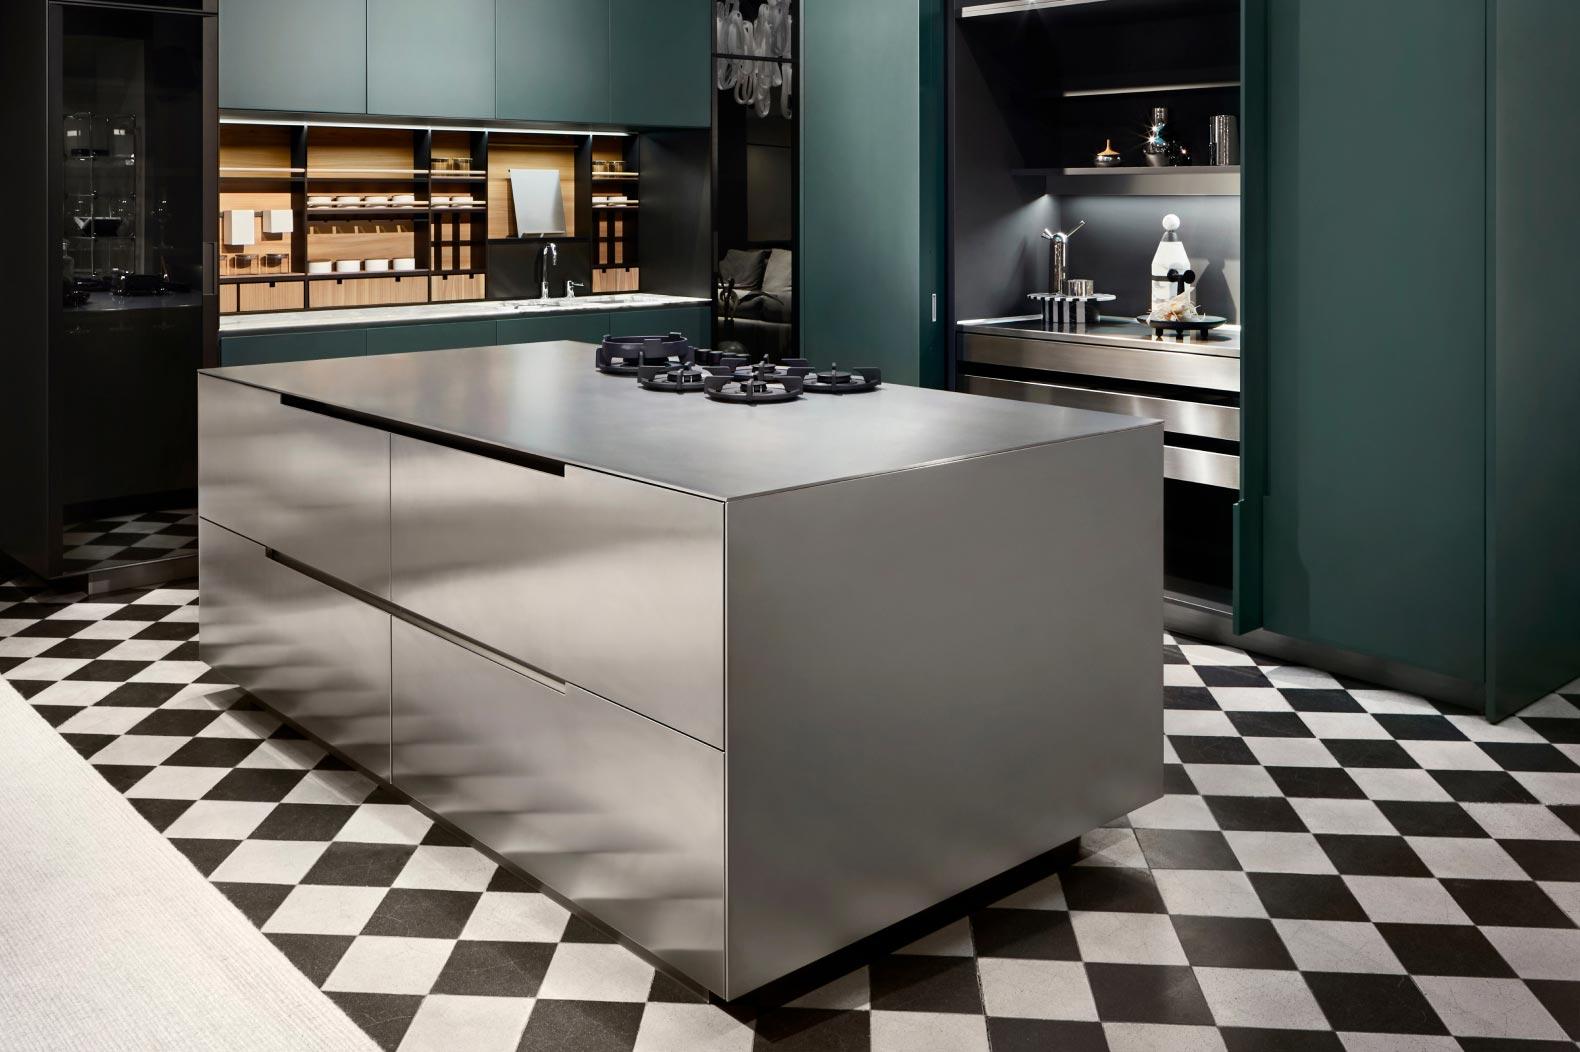 poliform_kitchen